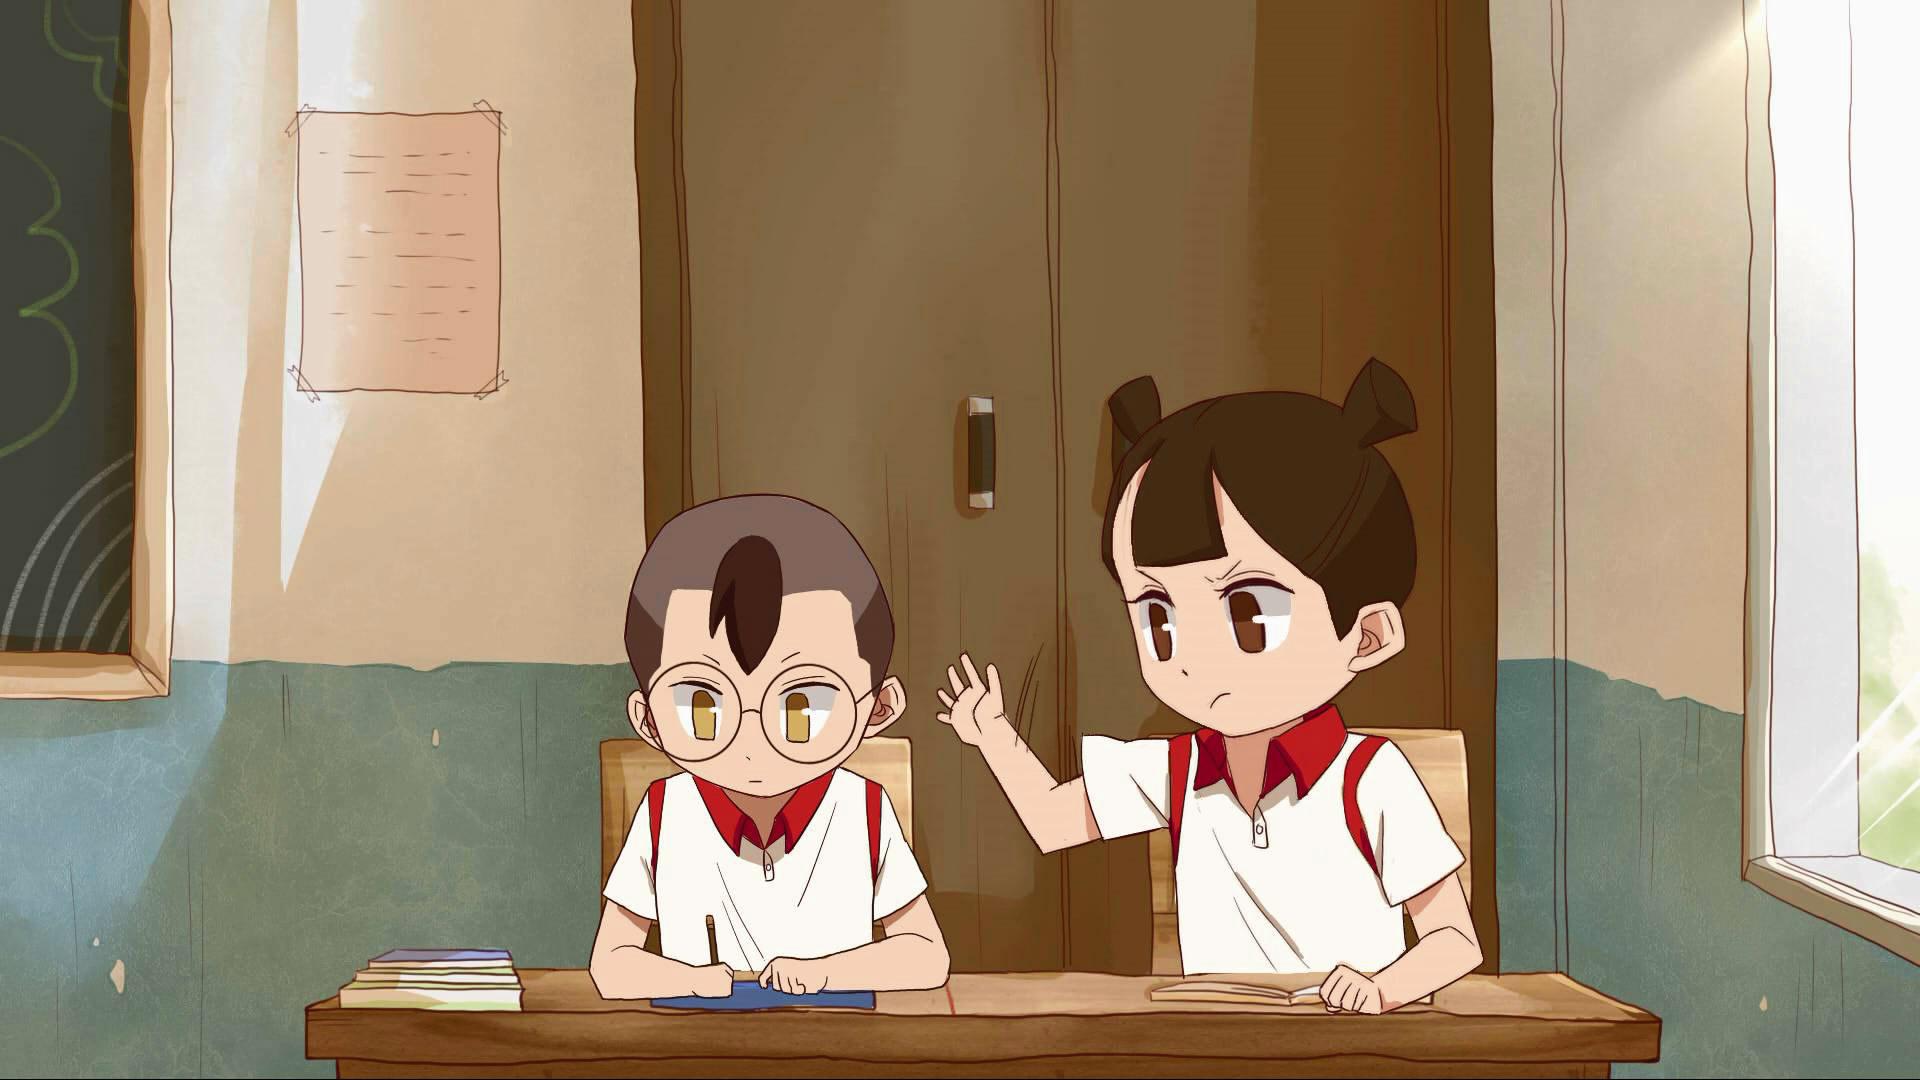 【短片】三八线之争【新光奖原创动漫大赛】